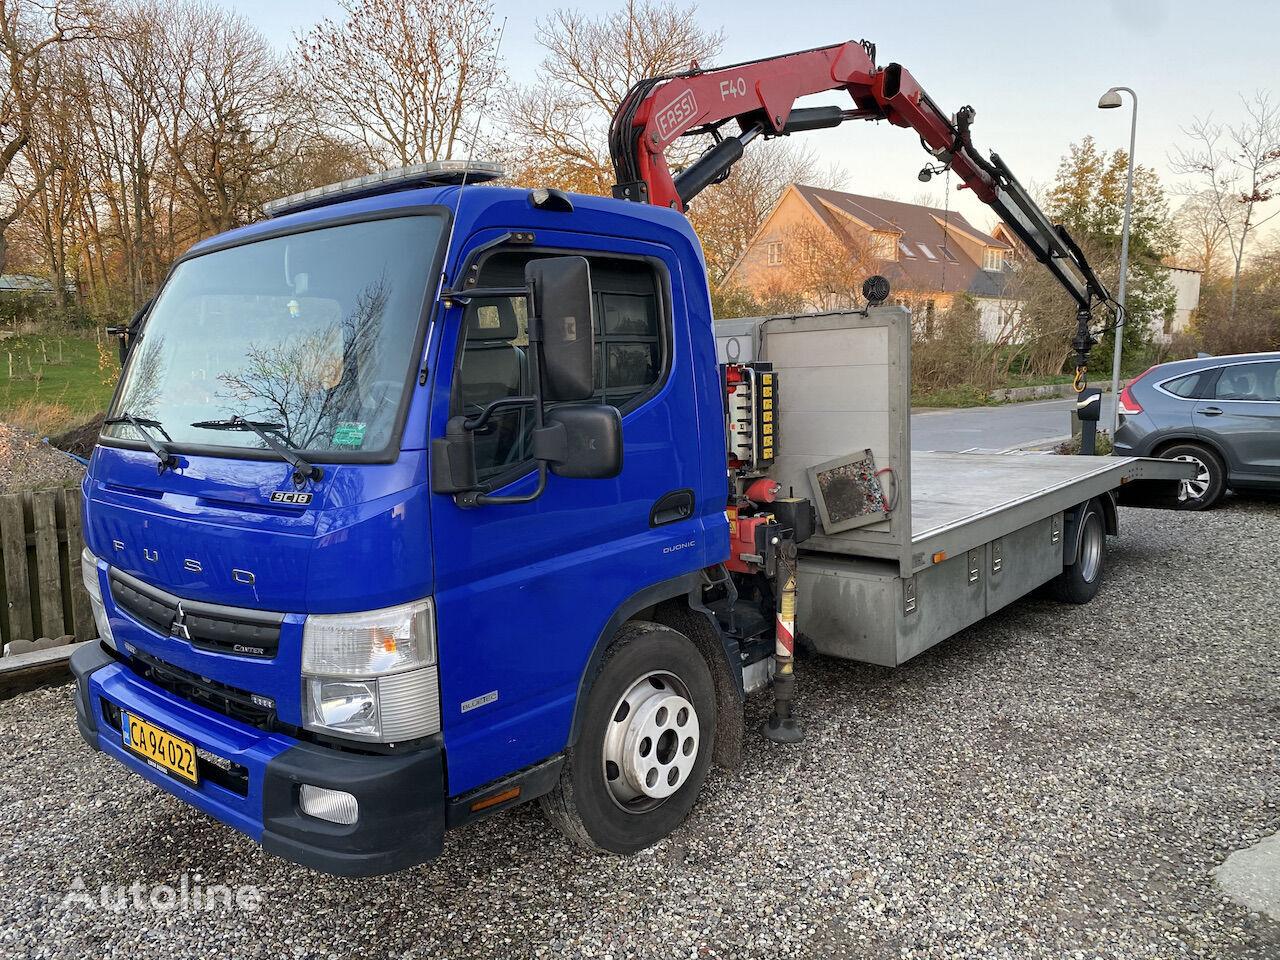 Mitsubishi Fuso Canter autószállító teherautó